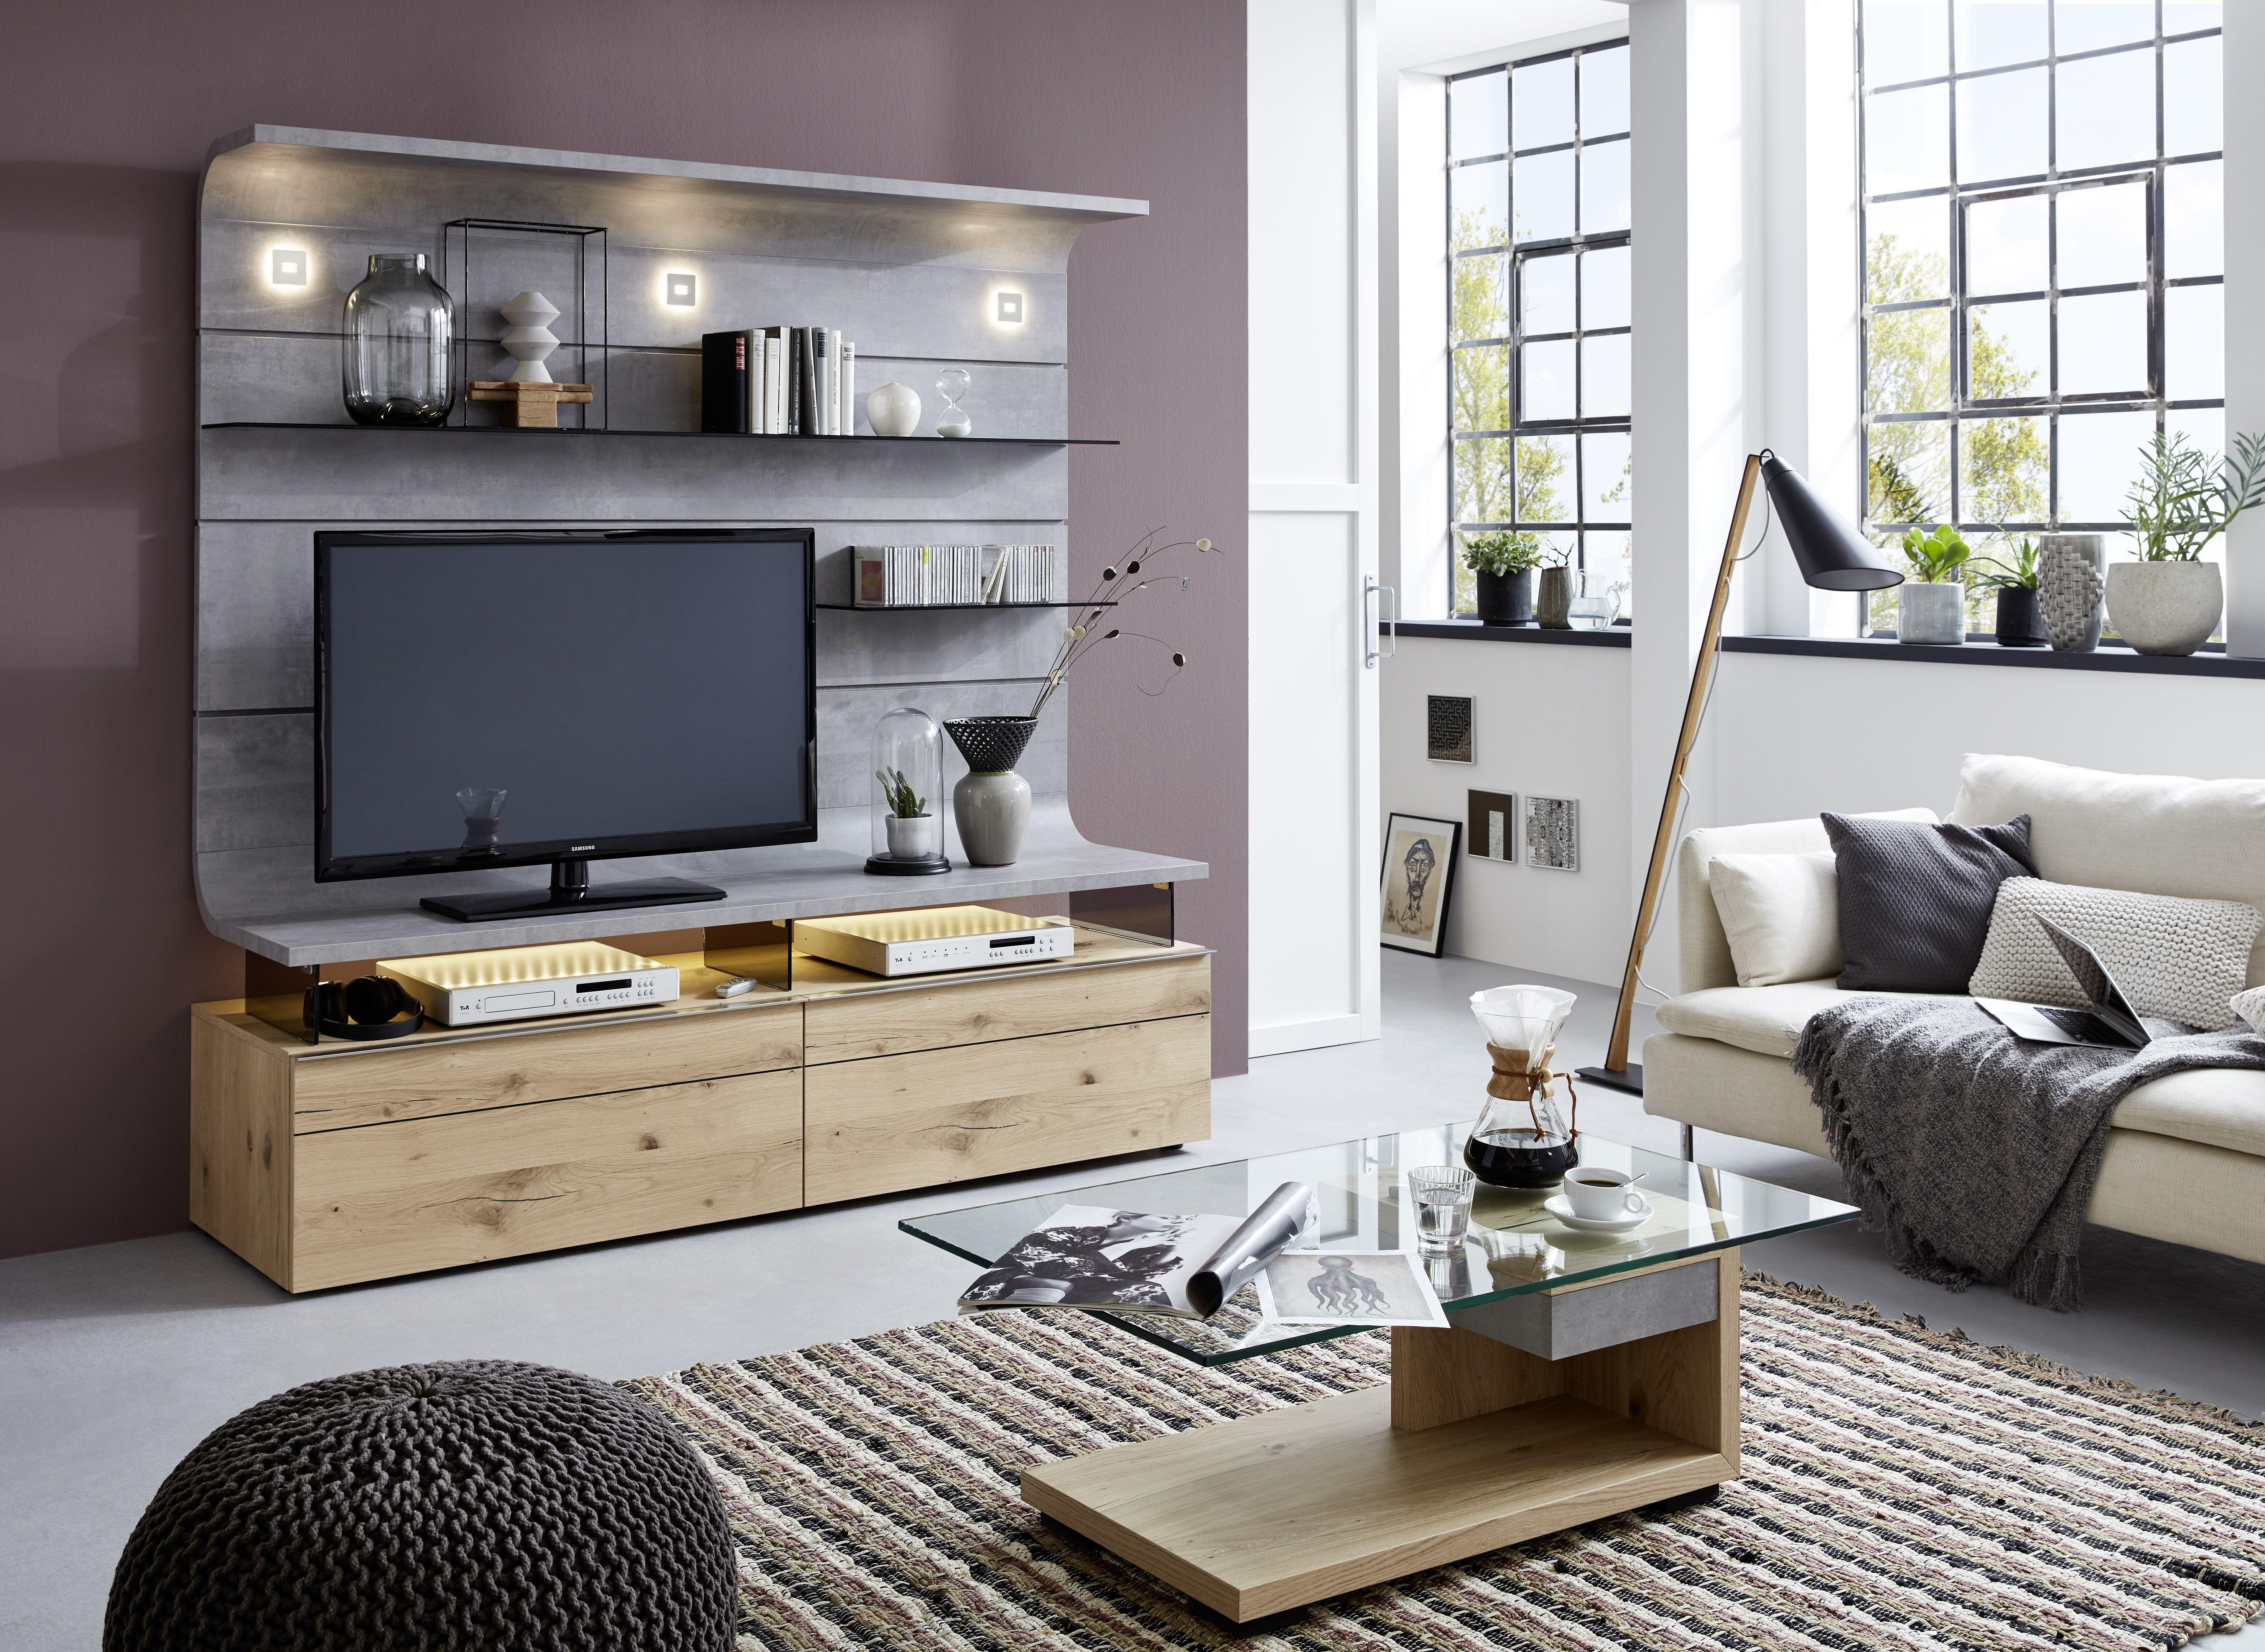 Wohnprogramm Treviso Möbelmadeingermany Furnituregwinner